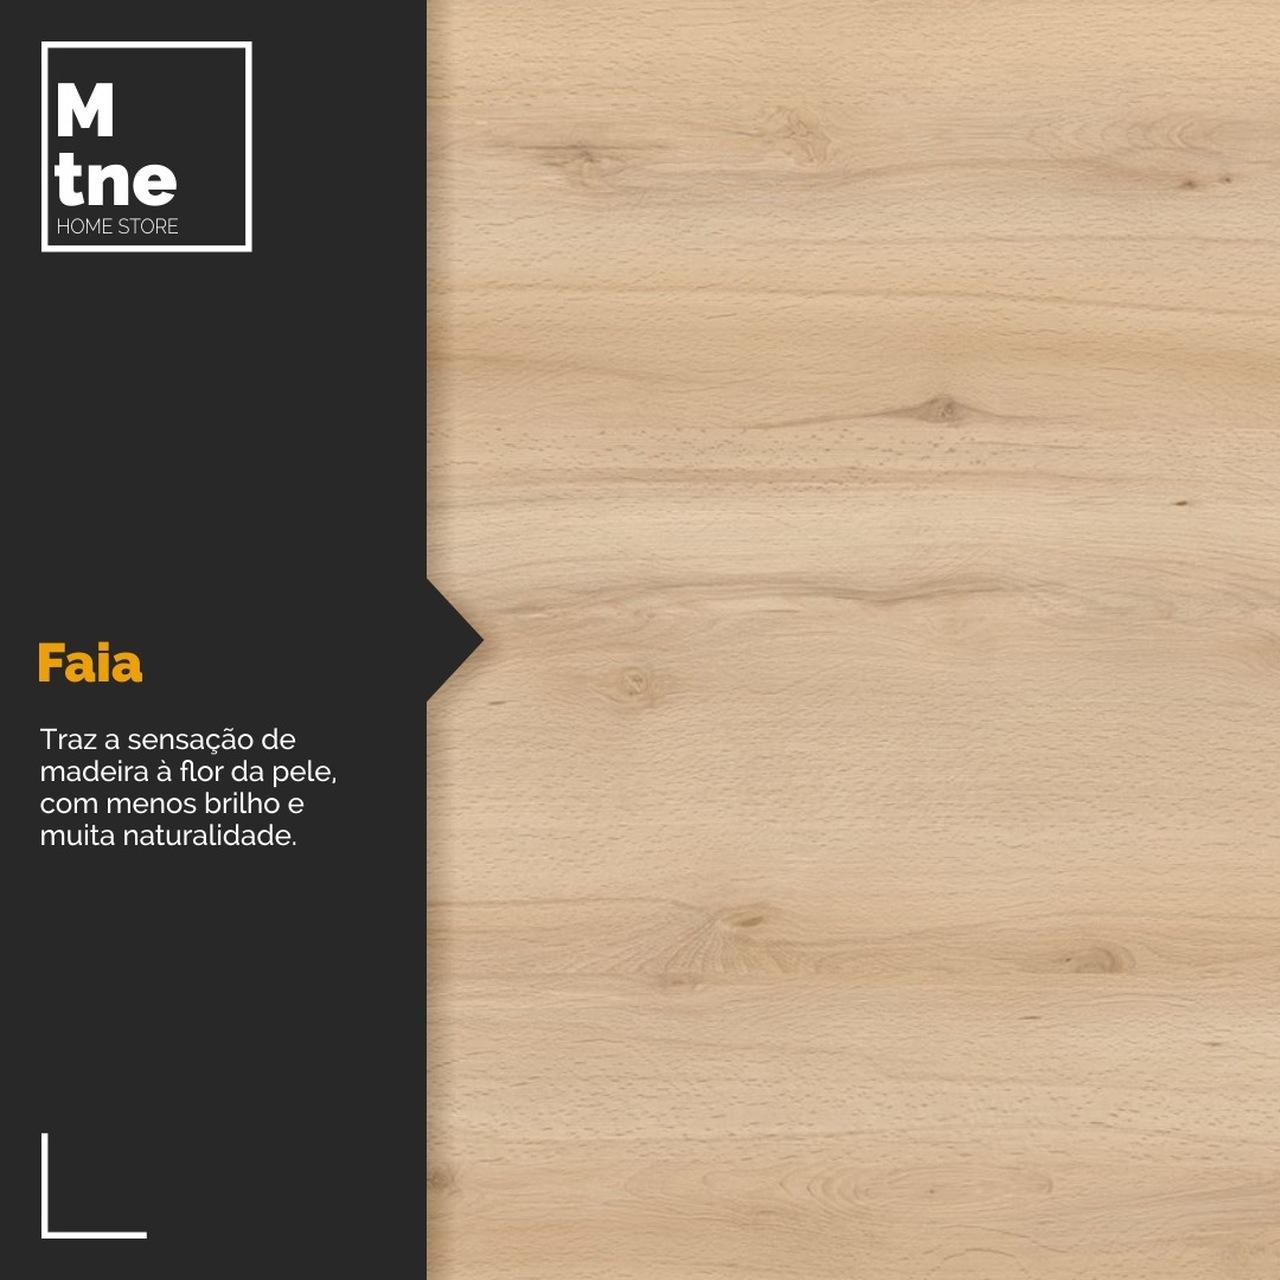 Mesas de Jantar sob medida com Squared Legs e Tampo 100% MDF  - Mtne Store